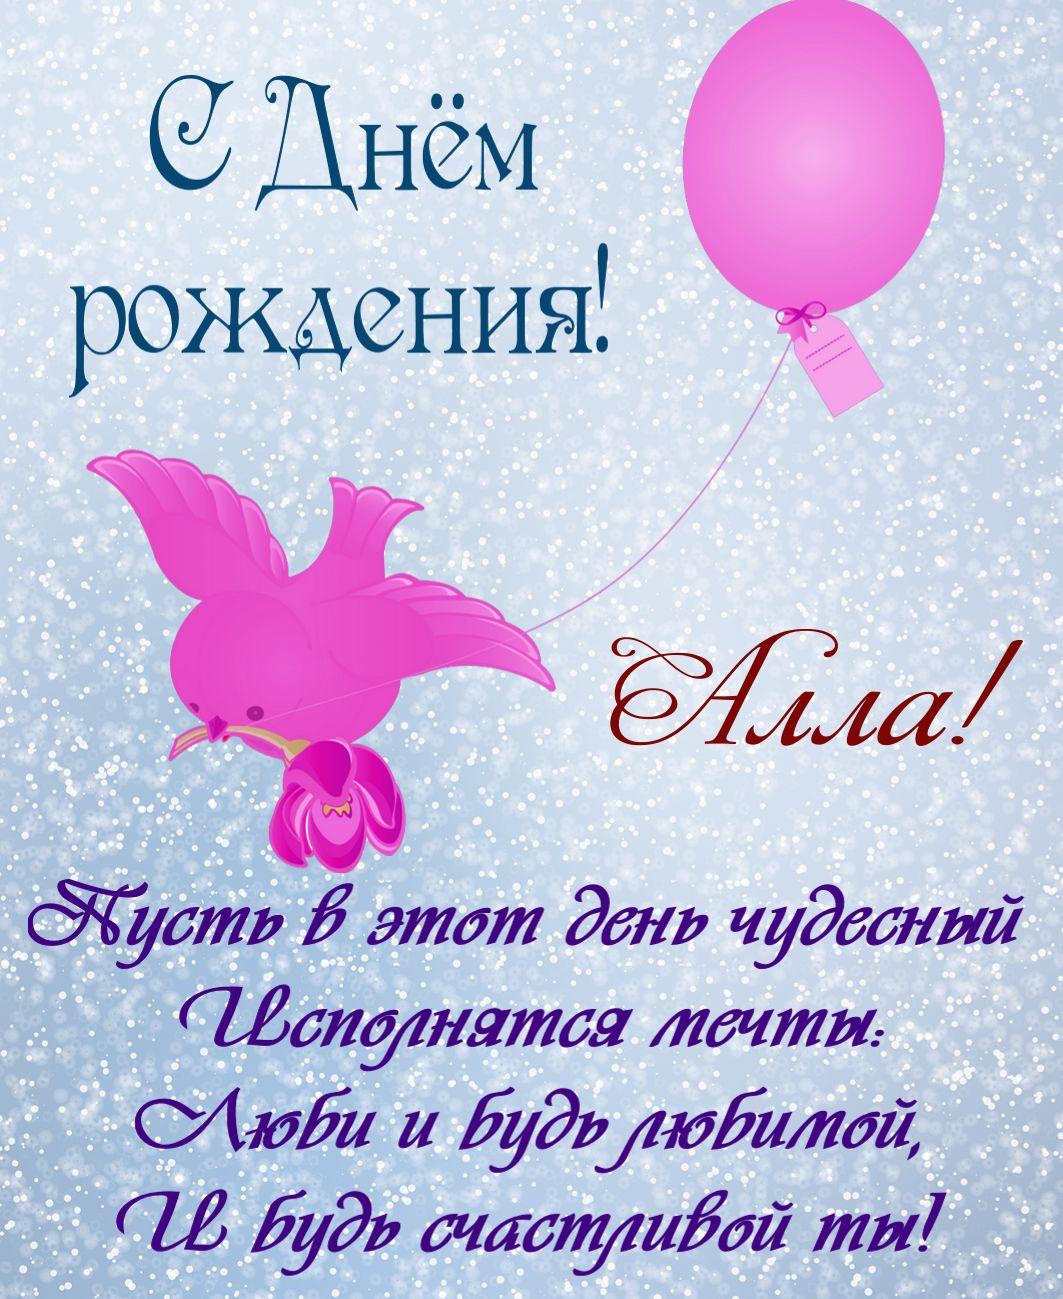 С днем рождения открытки алла